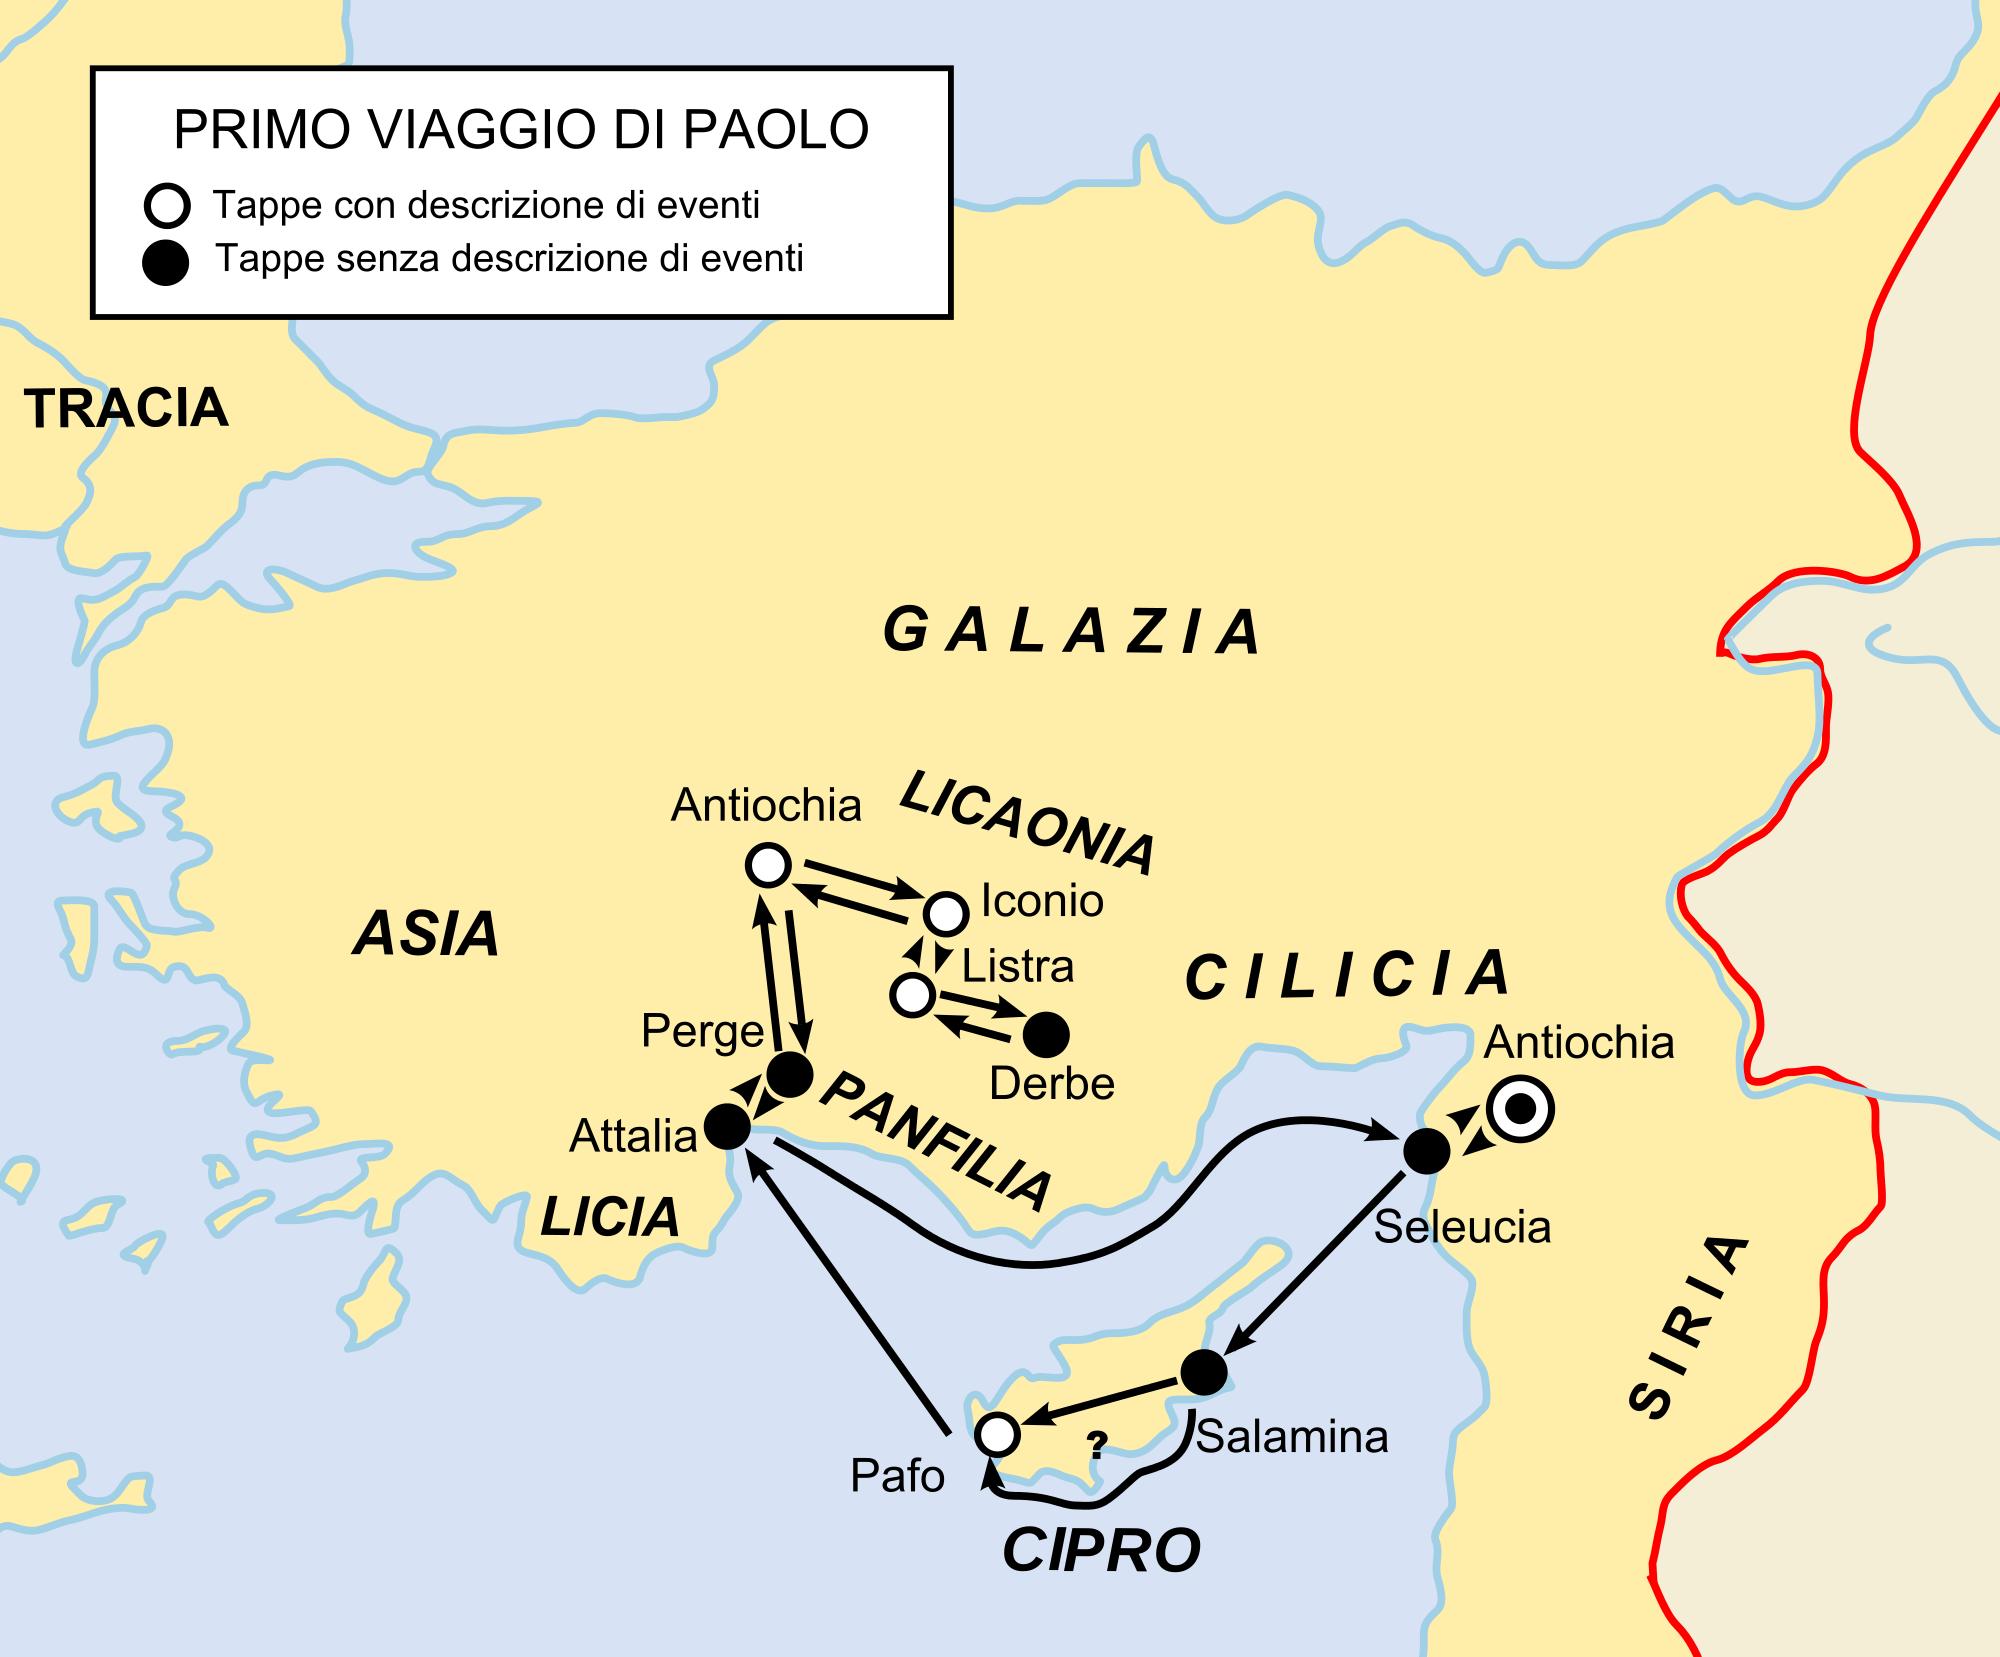 mappa delle regioni Galazia Frigia viaggi di Paolo - Cerca con Google